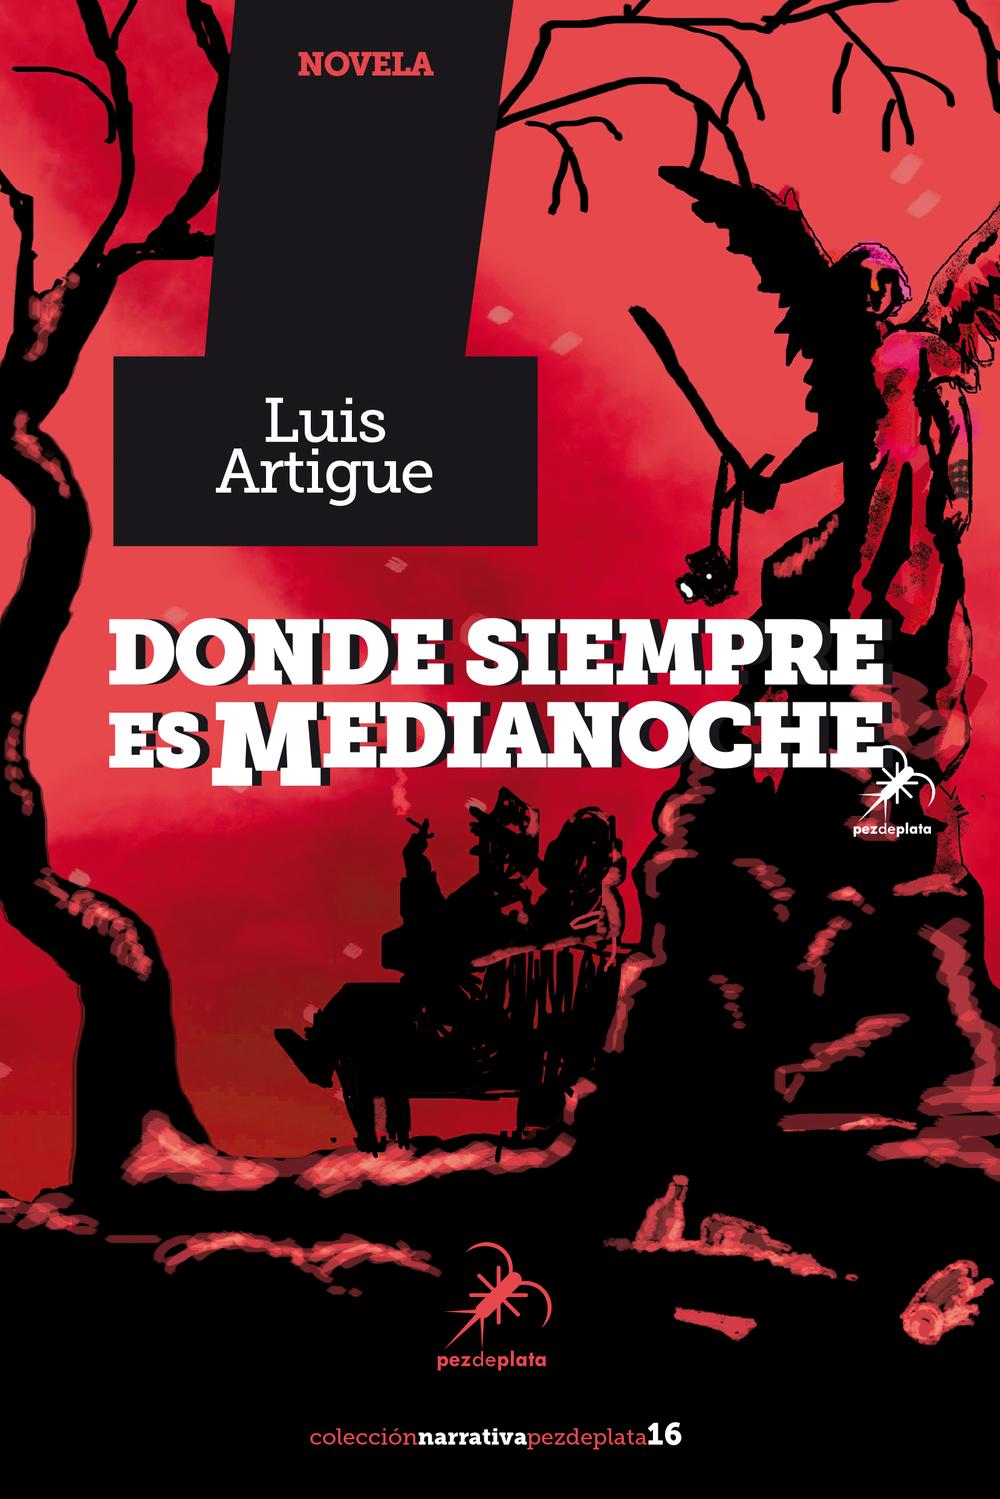 Donde_siempre_es_medianoche_Luis_Artigue.png